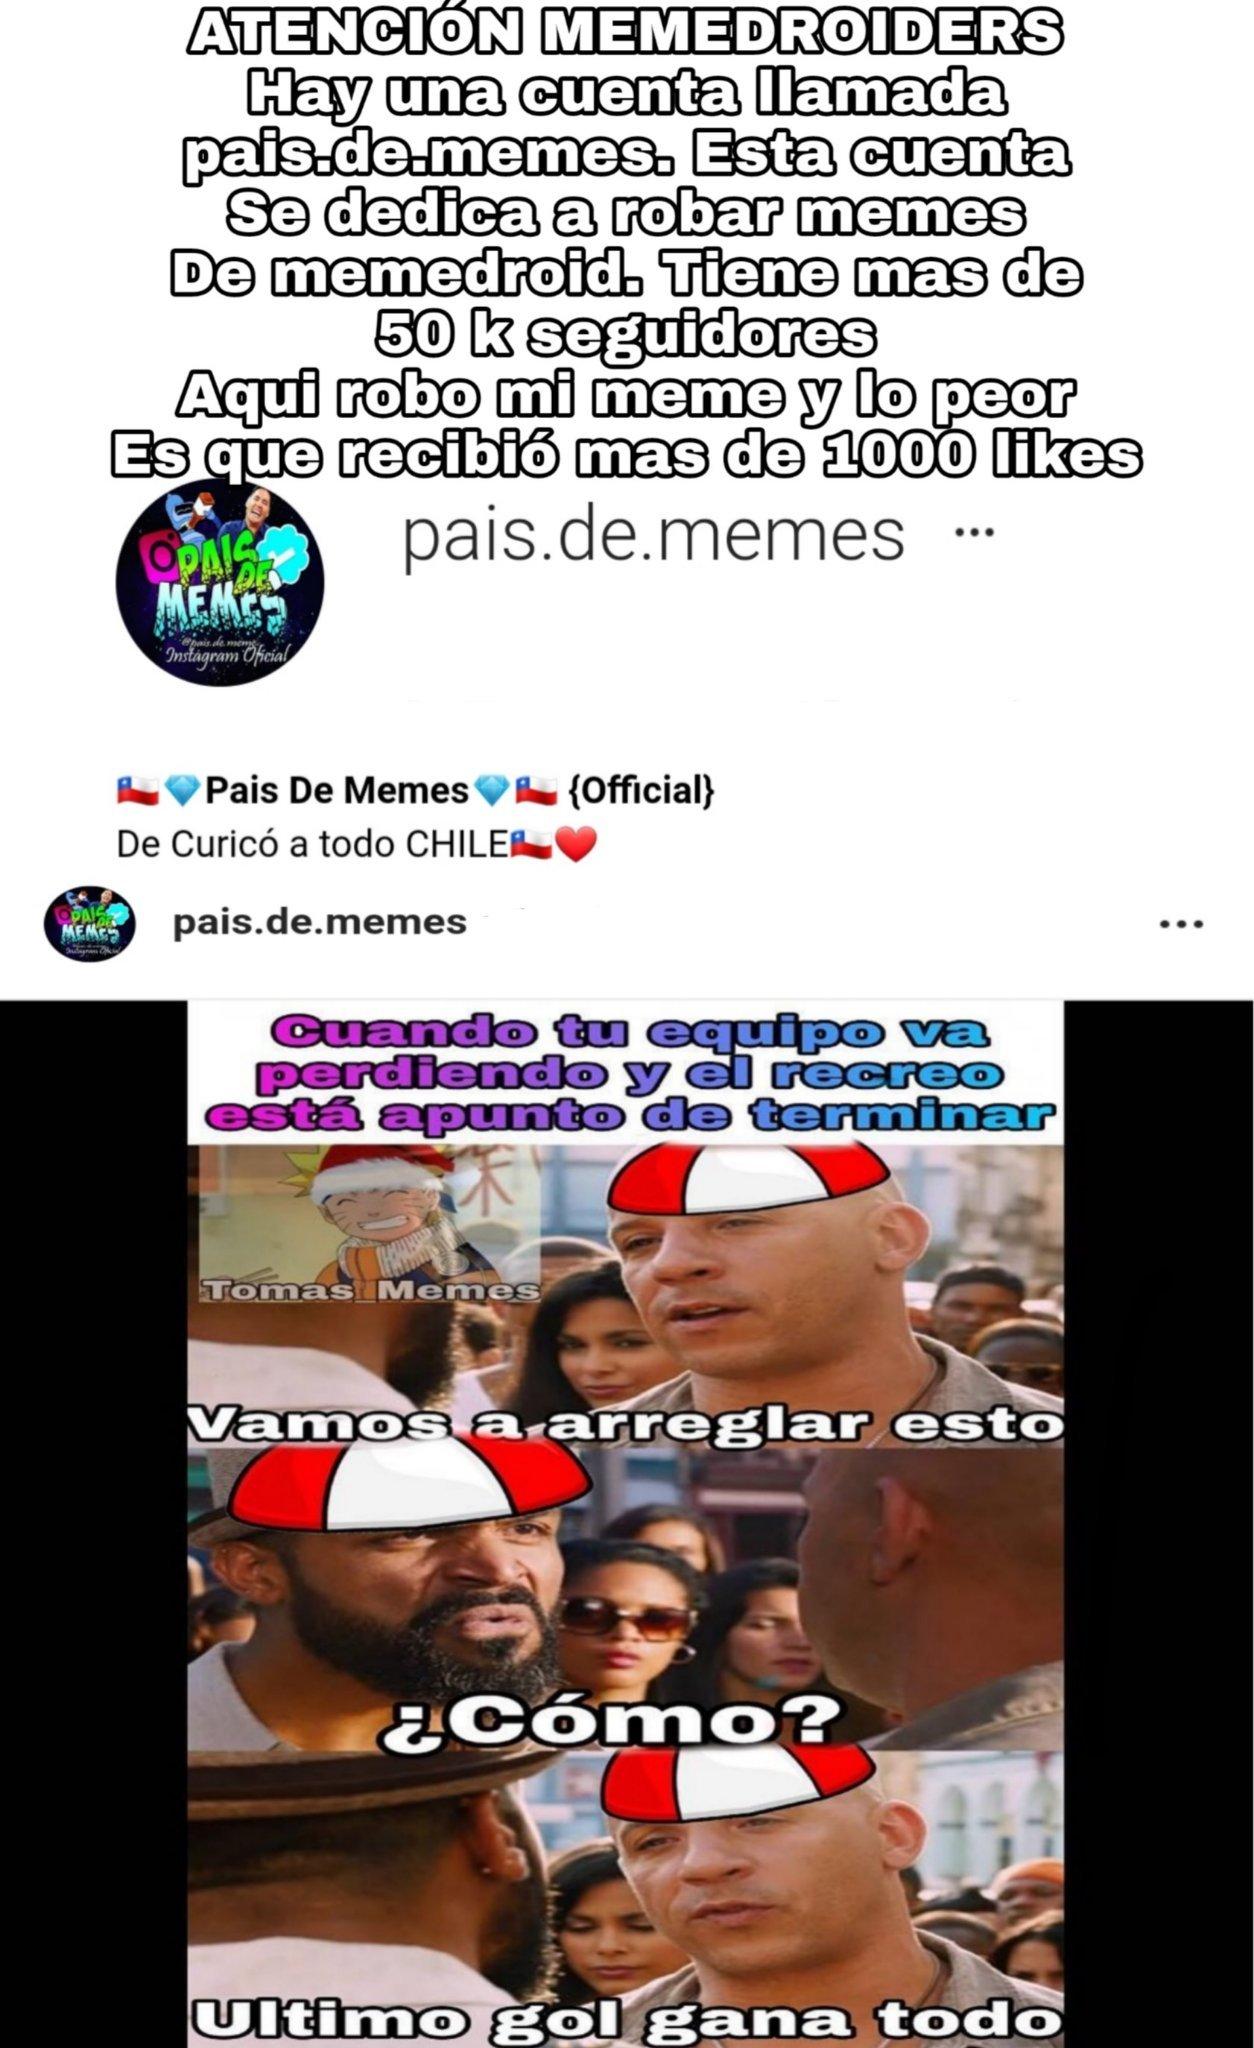 REPORTARLO OARA QUE NO SUCEDA ESTO - meme